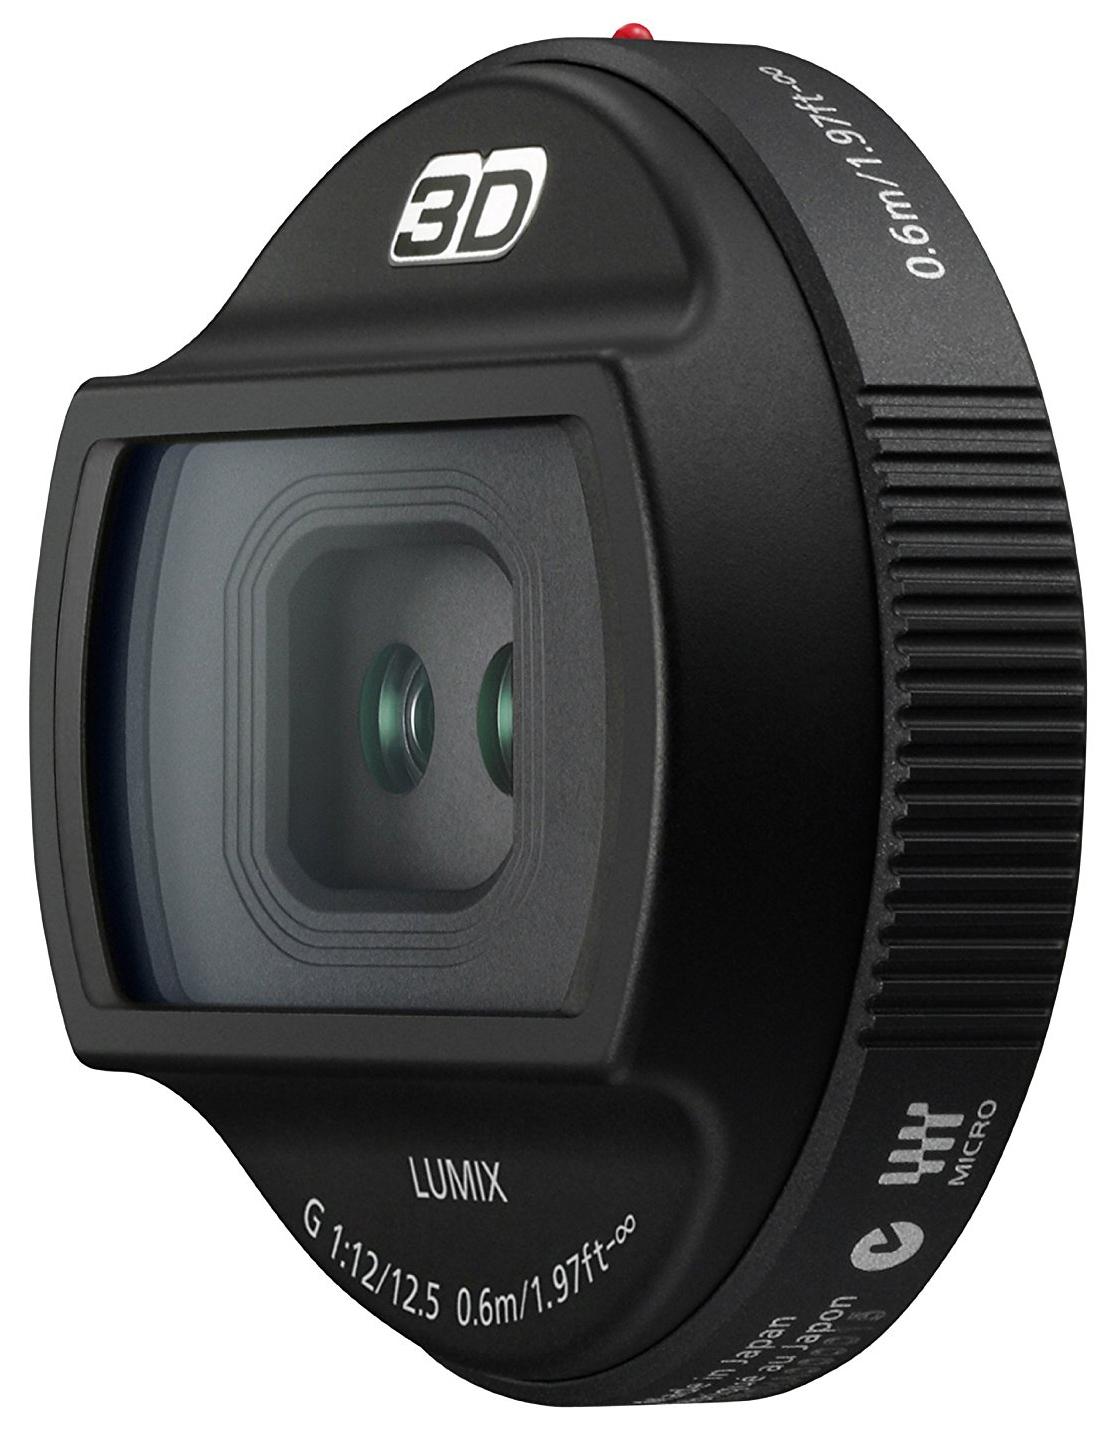 Объектив Panasonic Lumix G 12.5mm f/12